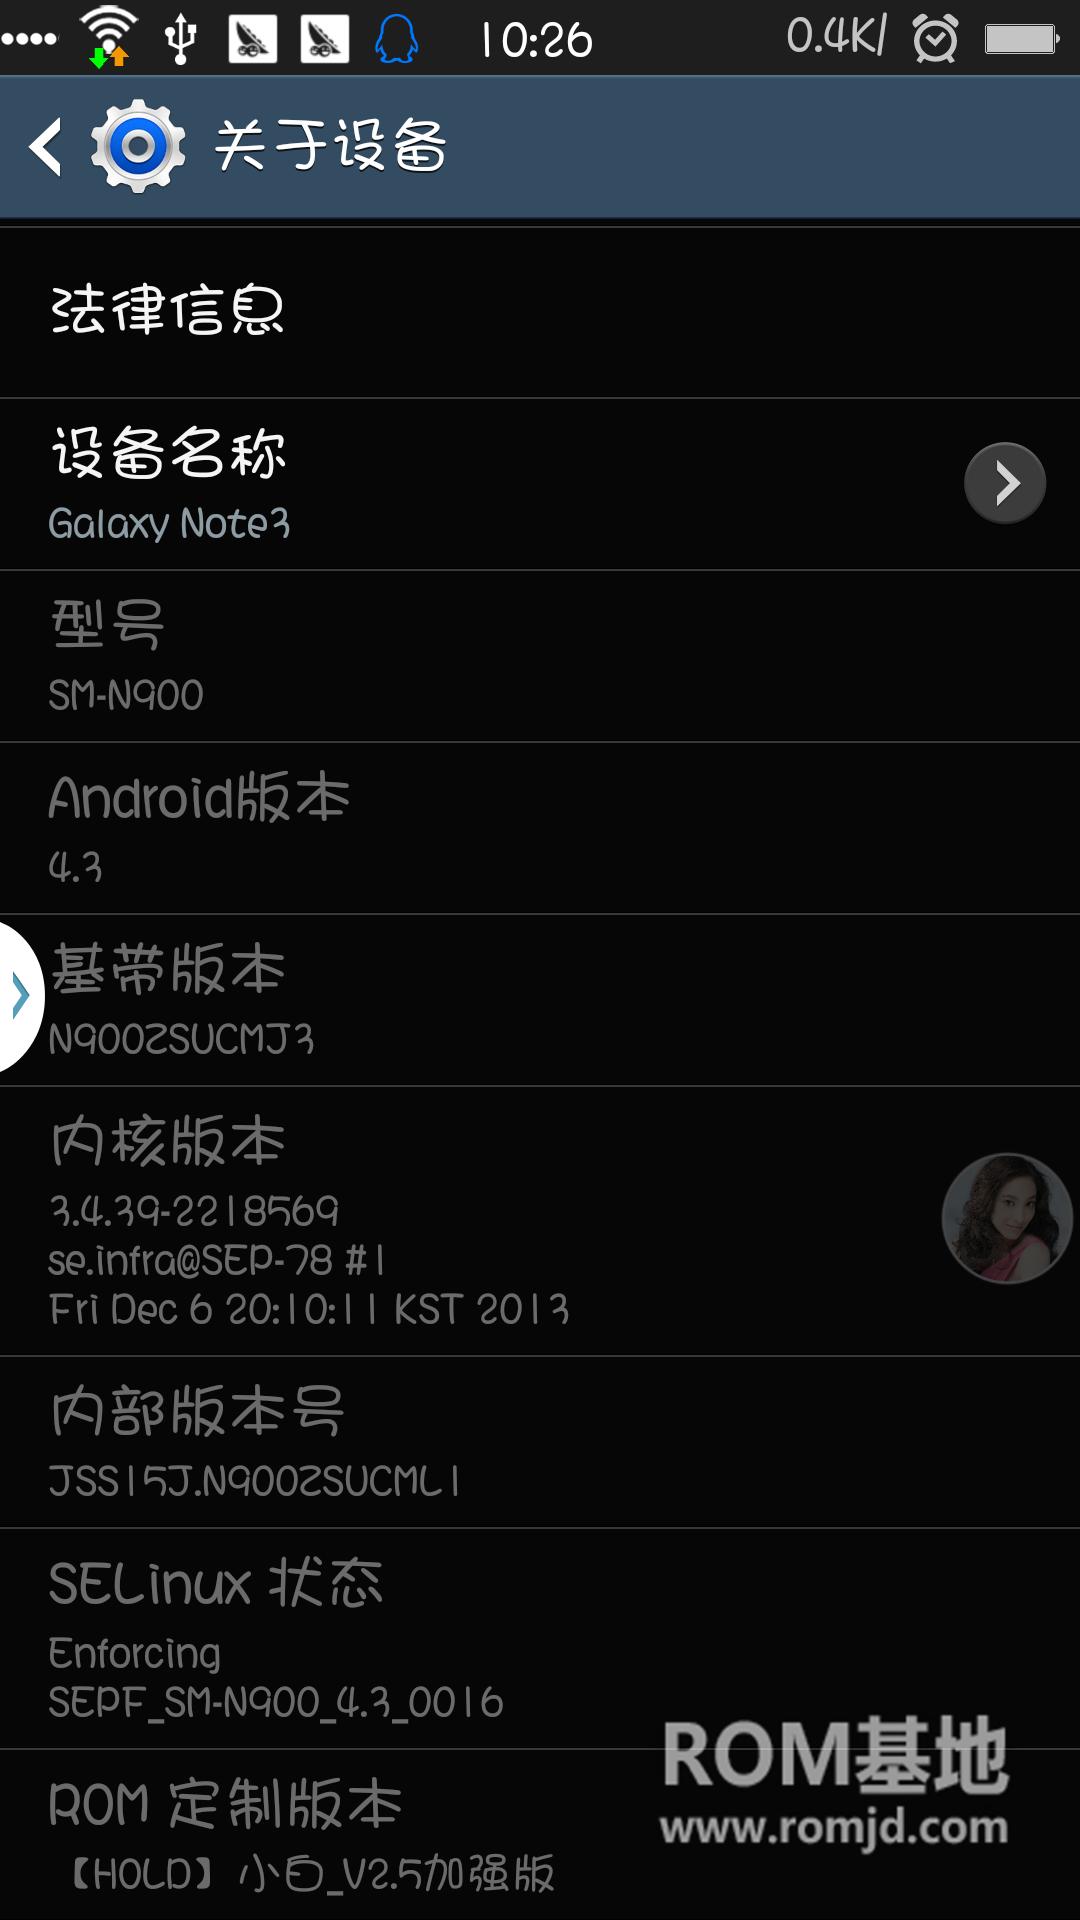 三星 n900刷机包 春节即将到来,隆重发布N900ZSUCML1_【HOLD】小白_V2.5加强版ROM刷机包截图